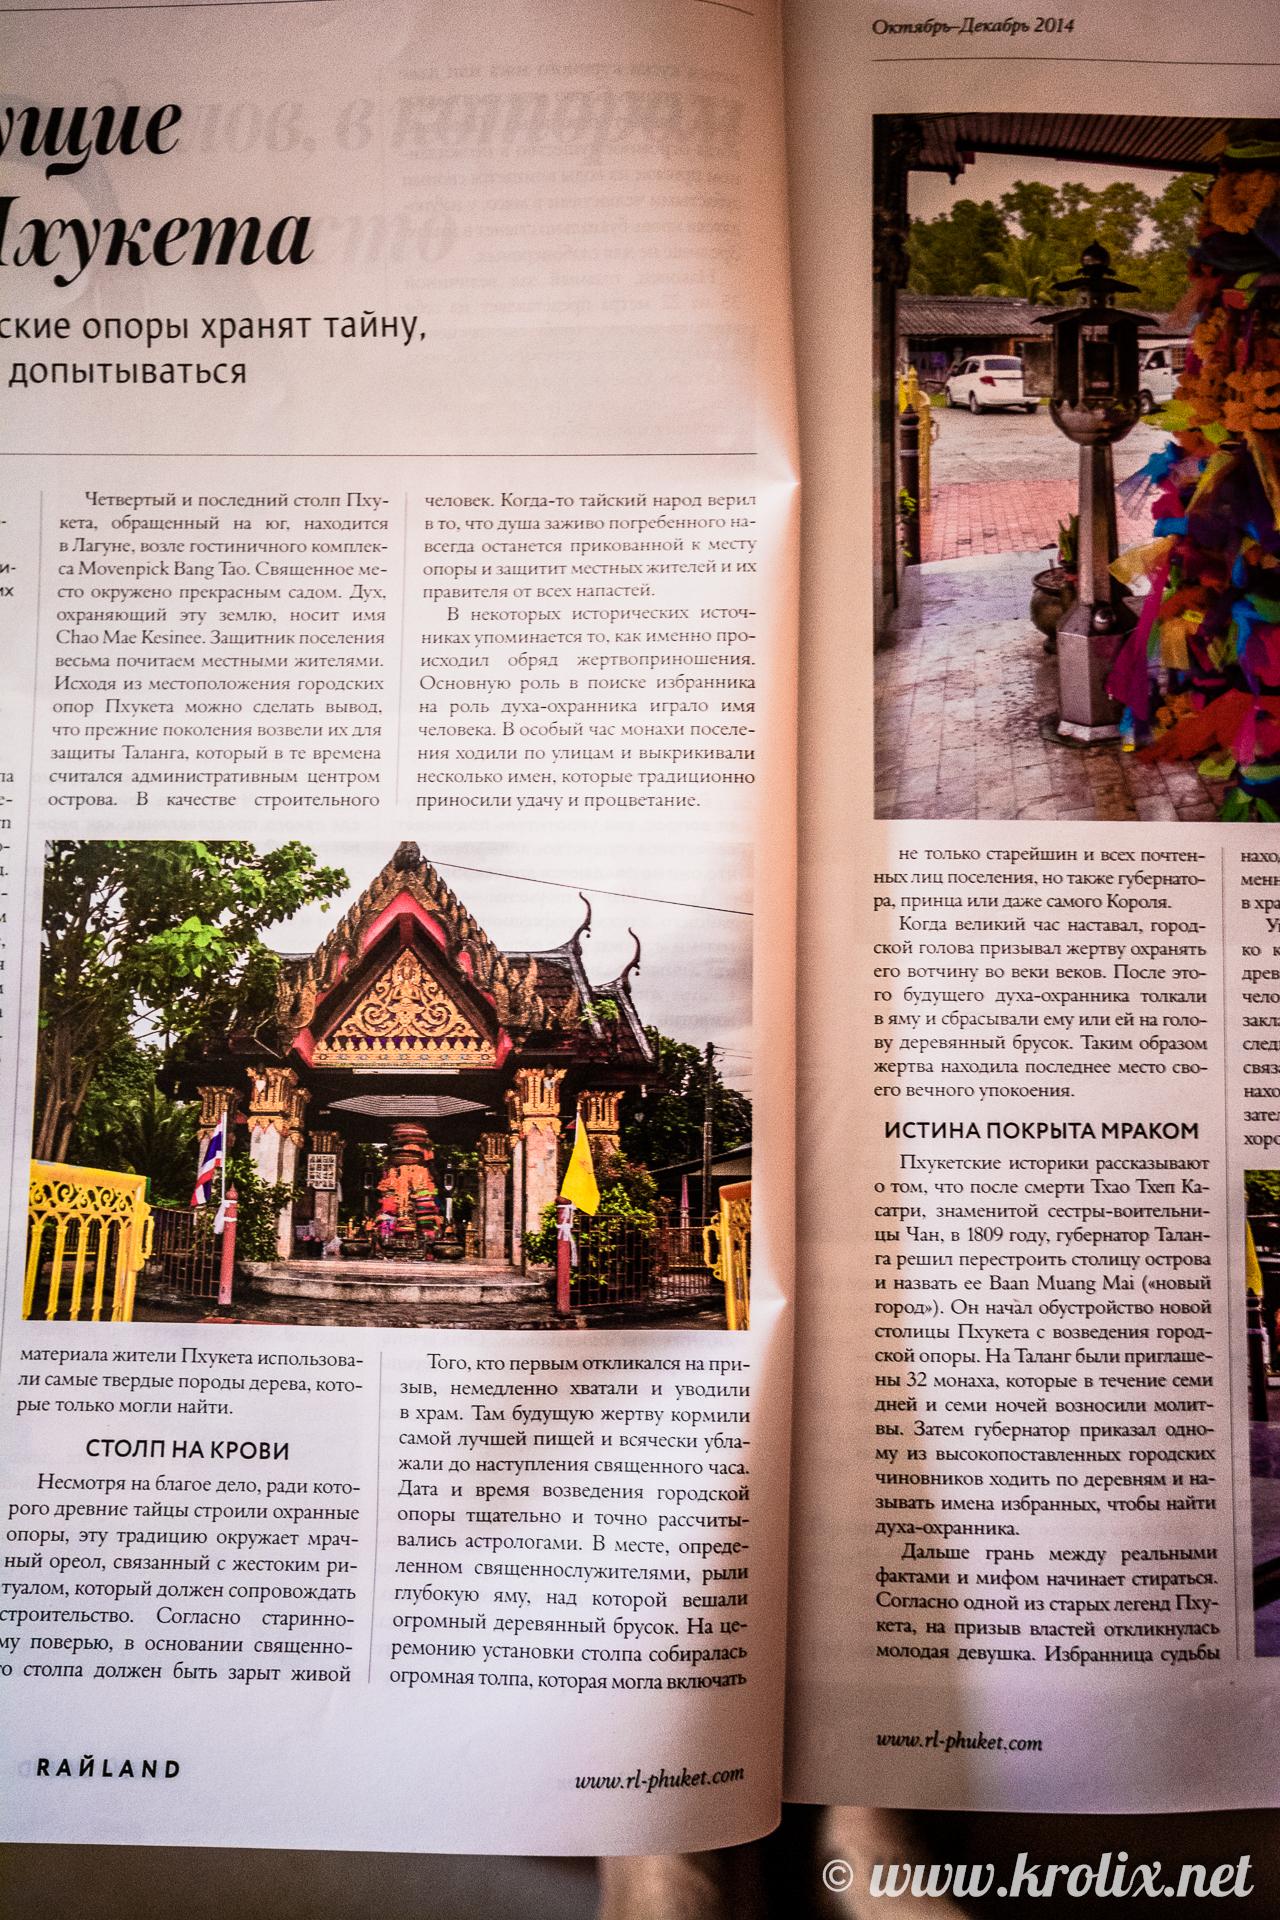 ...где можно почитать в числе прочего журналы на русском.